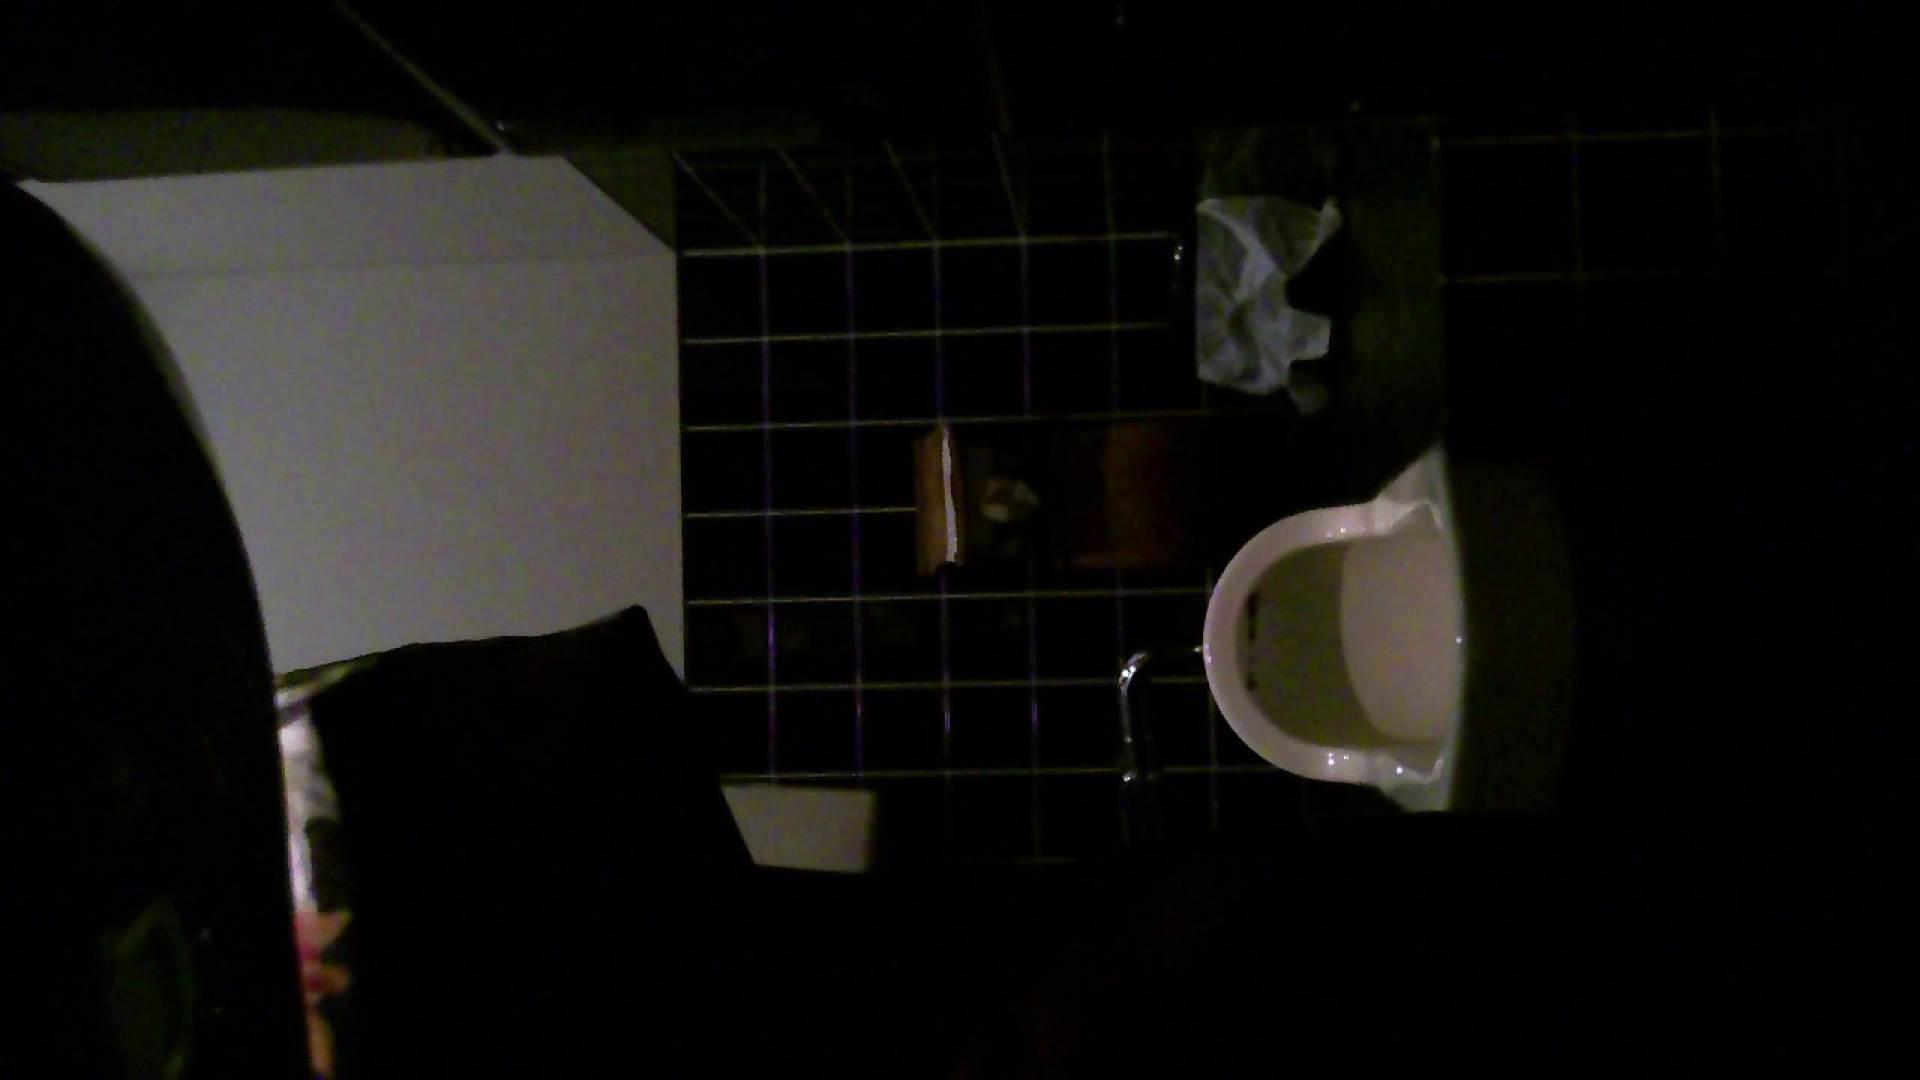 美女の集まる飲み屋洗面所 vol.04 エロティックなOL | 洗面所はめどり  76画像 65